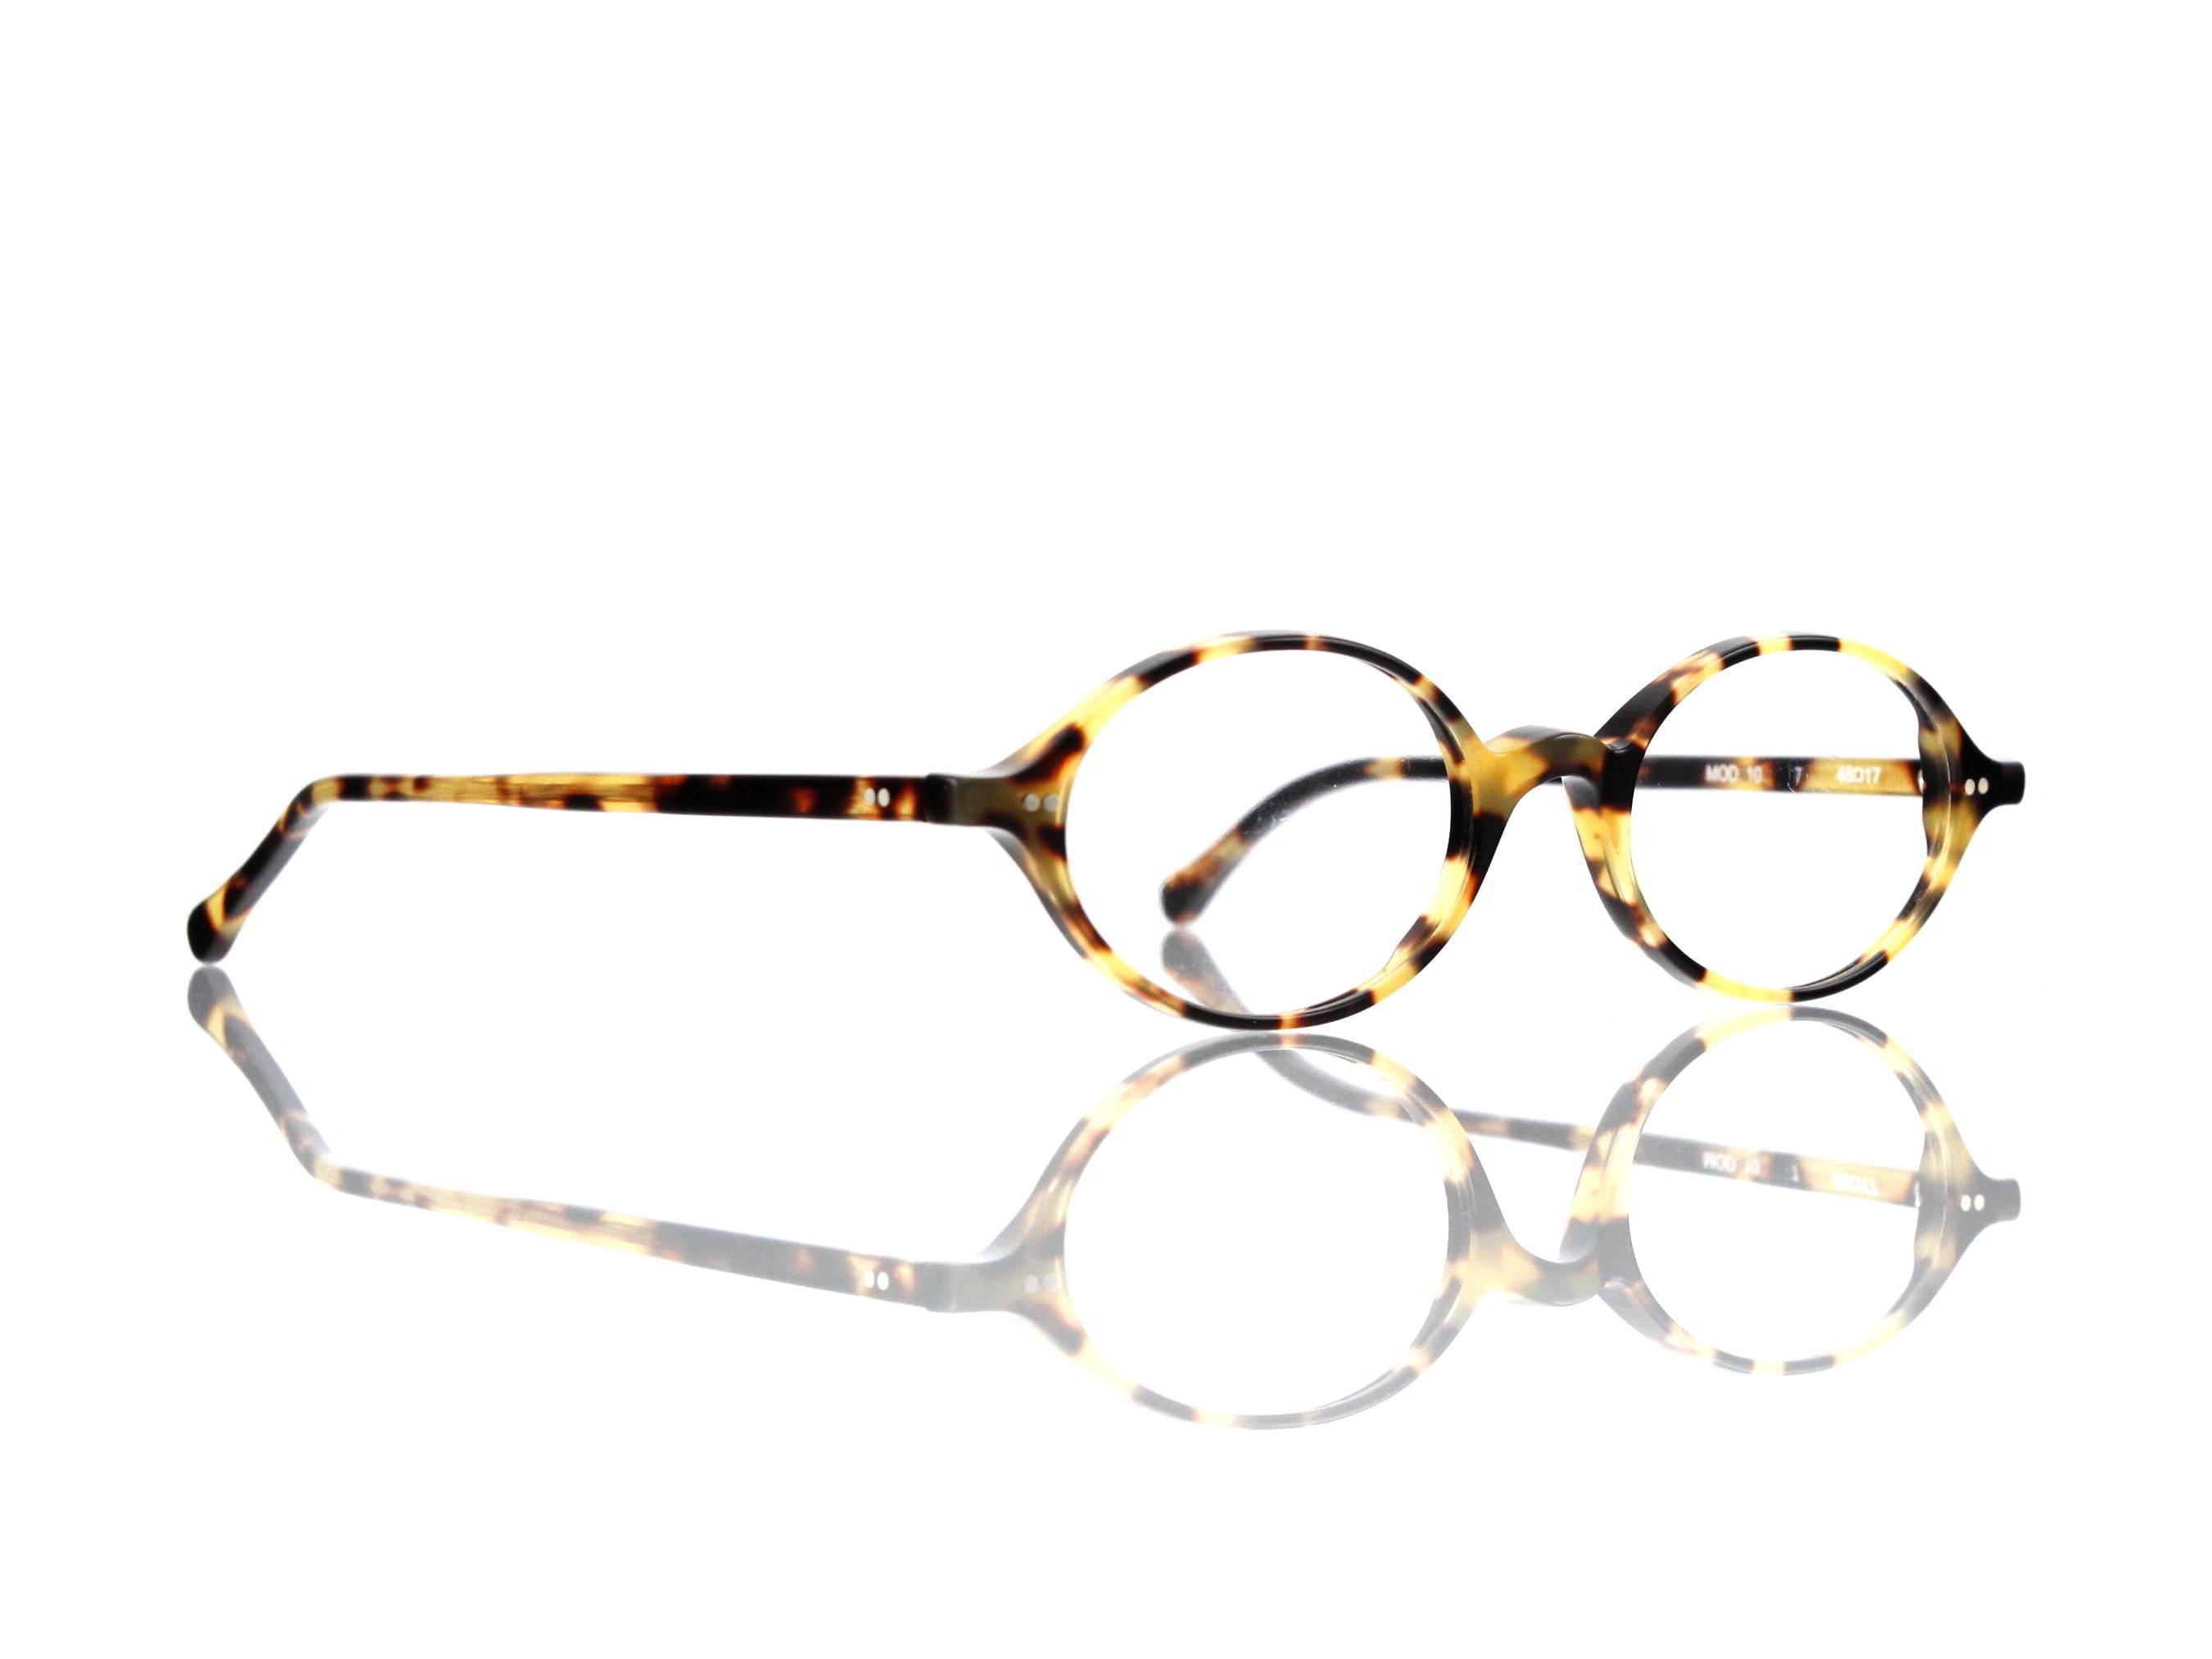 Braun Classics Eyewear Mod. 10 Col. F 7 Größe 48-17-145 mm | Oval ...